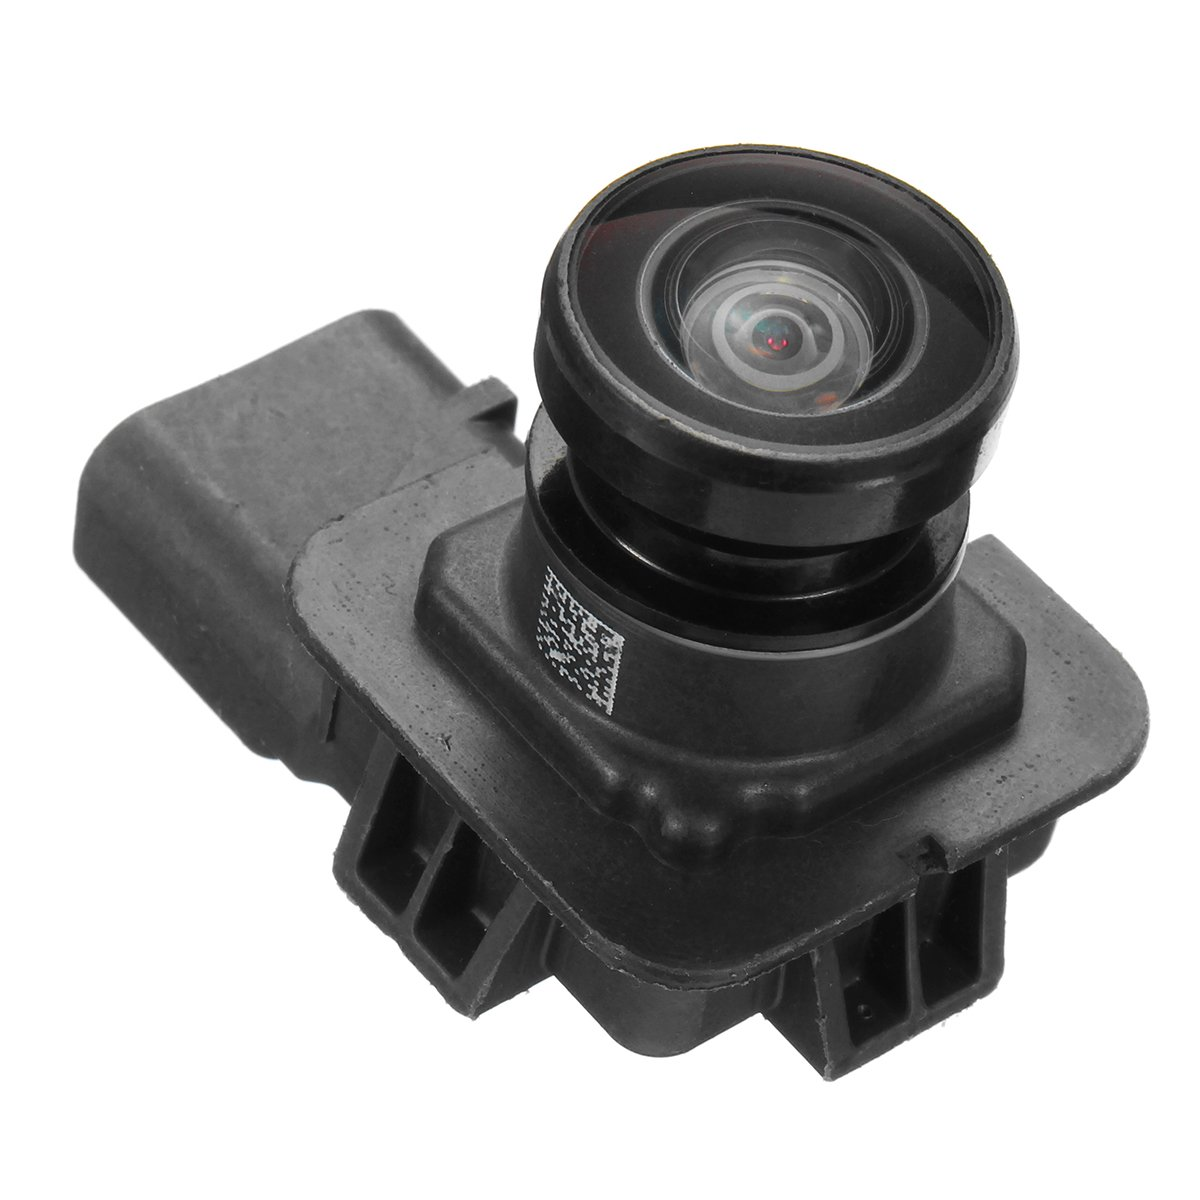 逆バックアップ駐車場リアビューカメラfor Ford Explorer 11 – 12 bb5z-19g490-a B078FTJ6G2